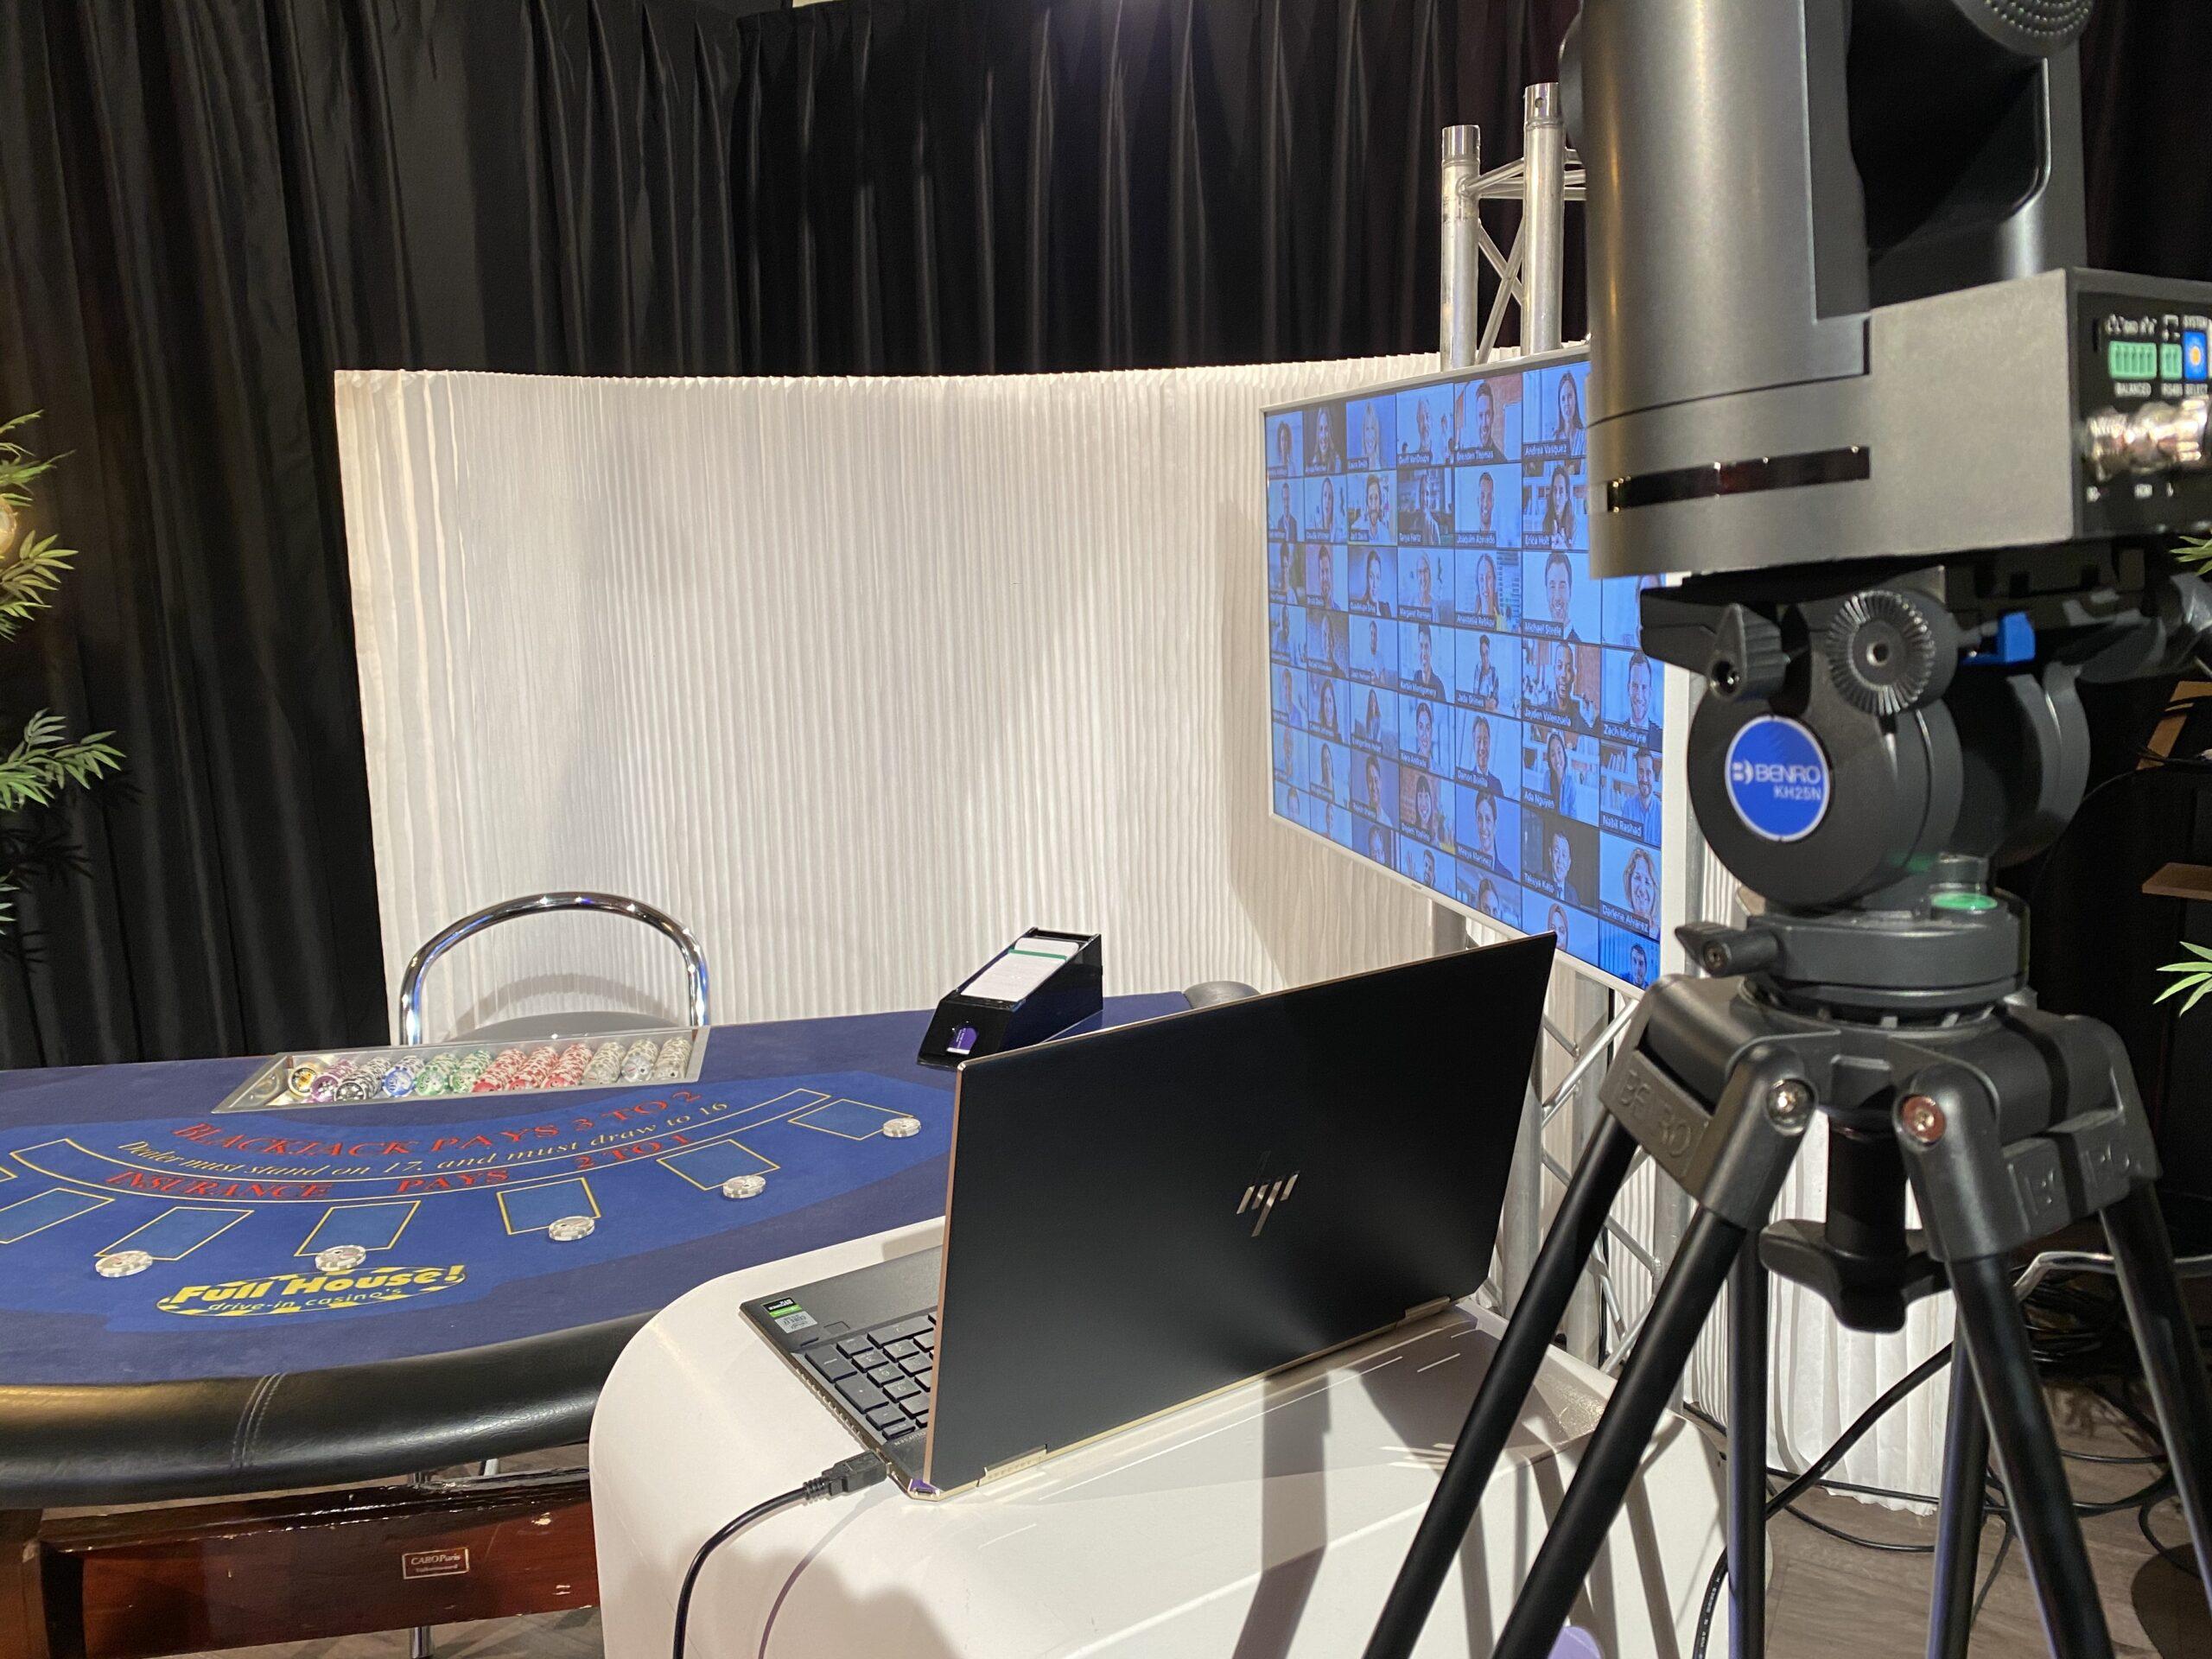 Online casino via camera